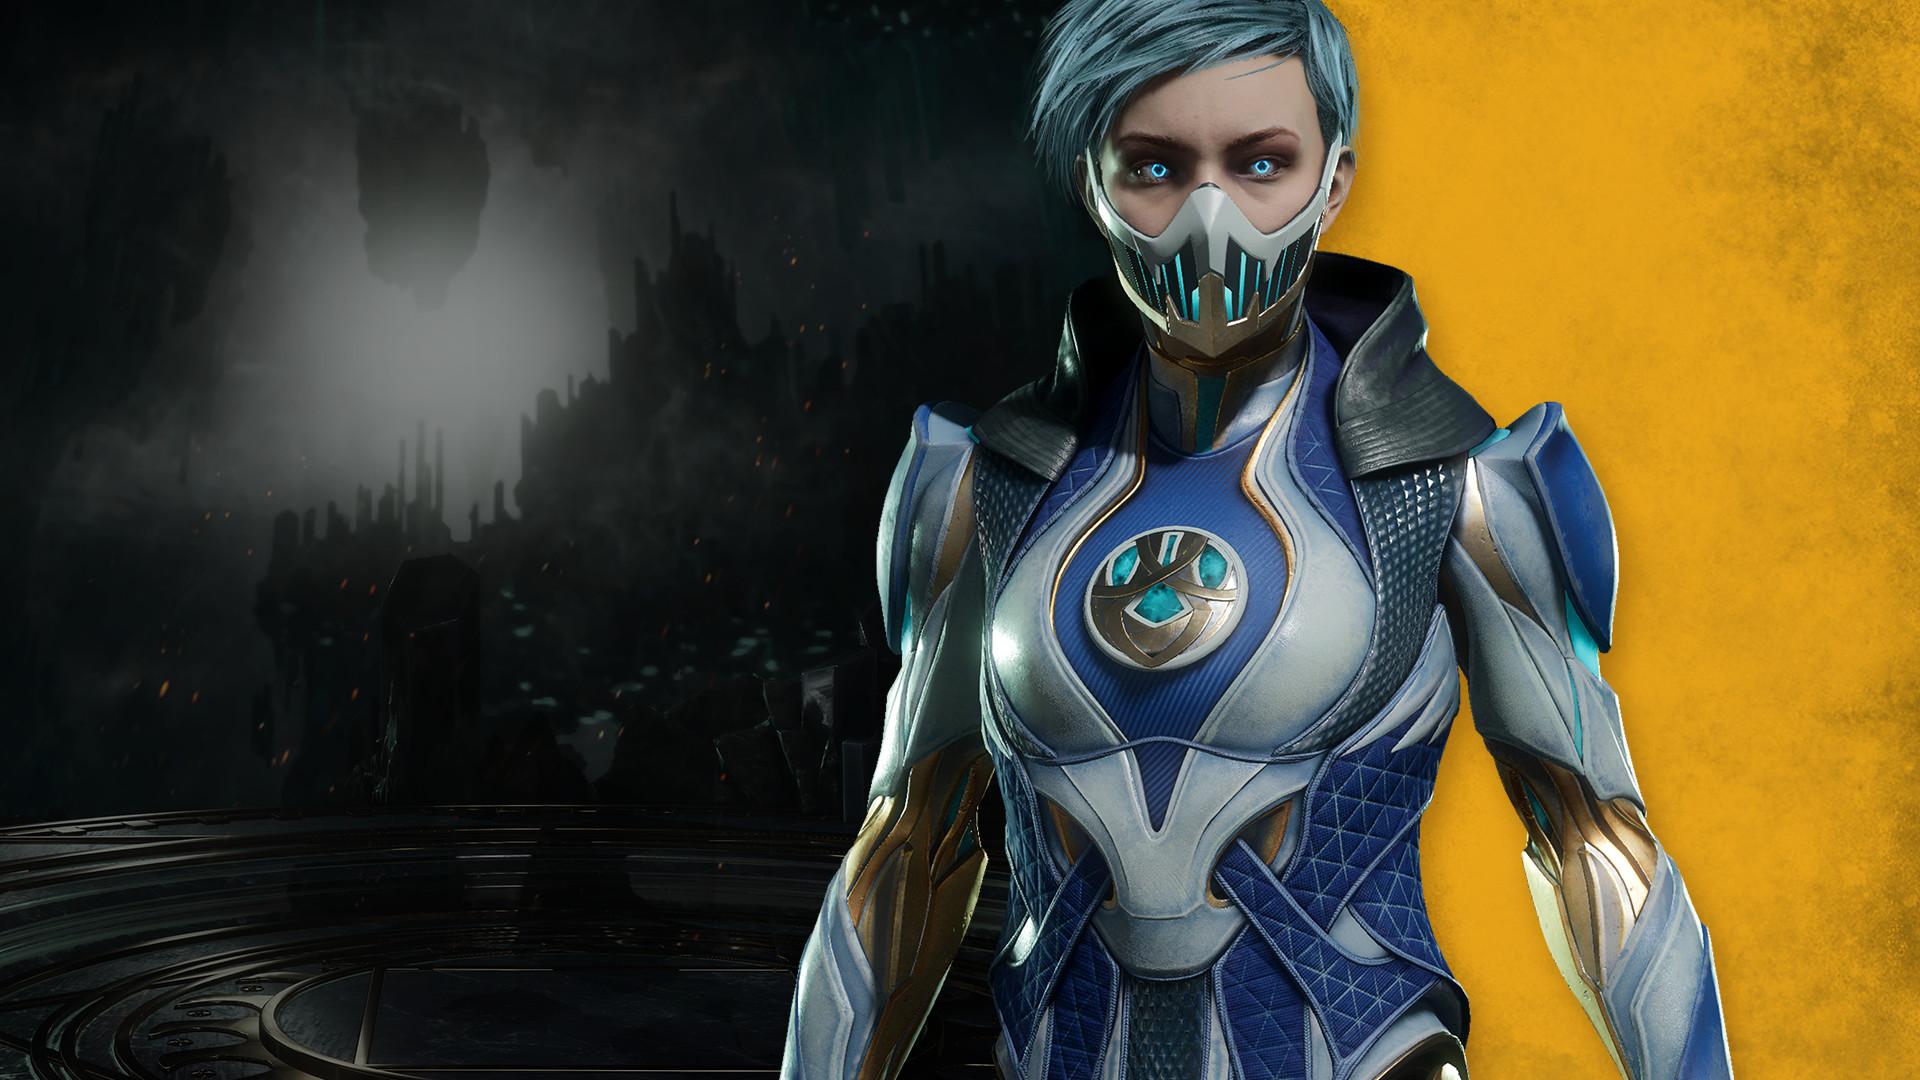 Afbeeldingsresultaat voor Mortal Kombat 11 frost